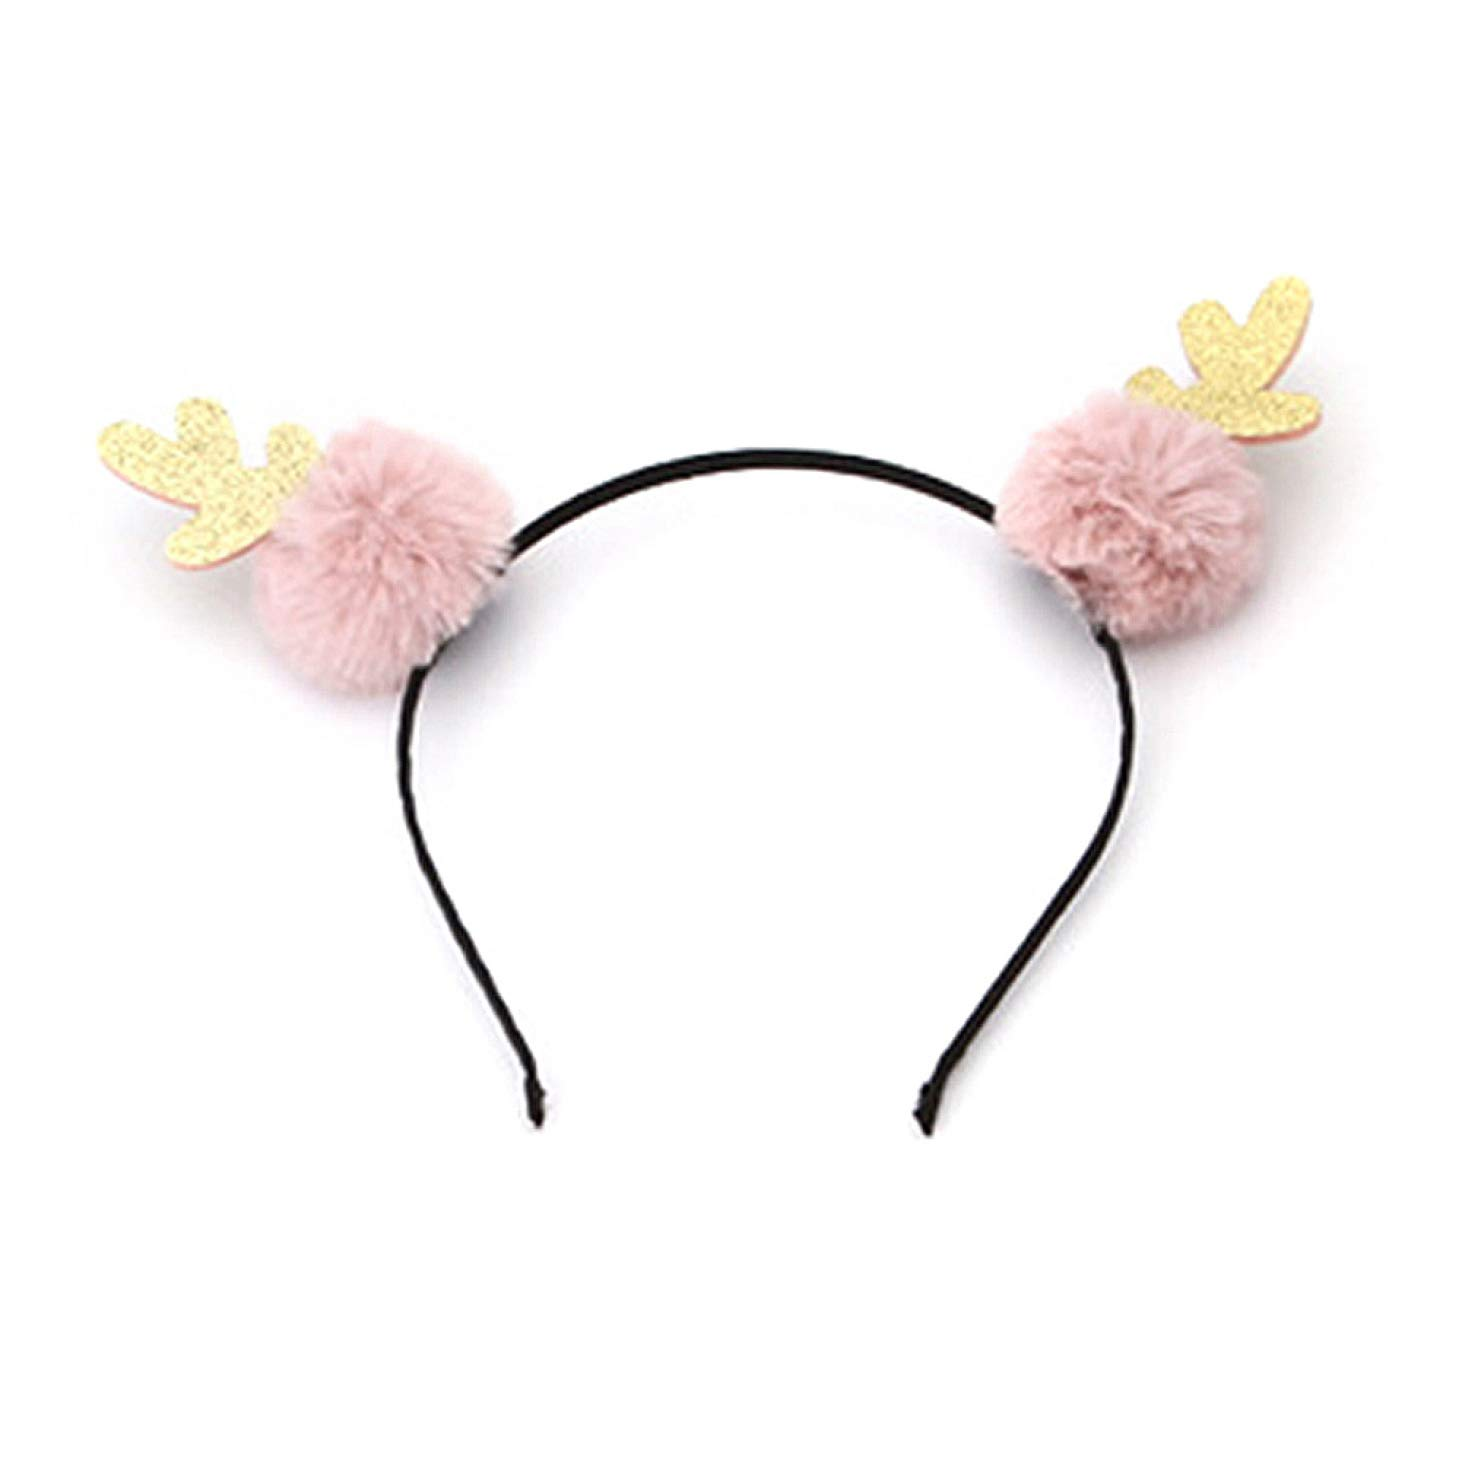 Cute Kids Girls Headdress Plush Cat Ear Hair Fashion Headwear Hair Accessories